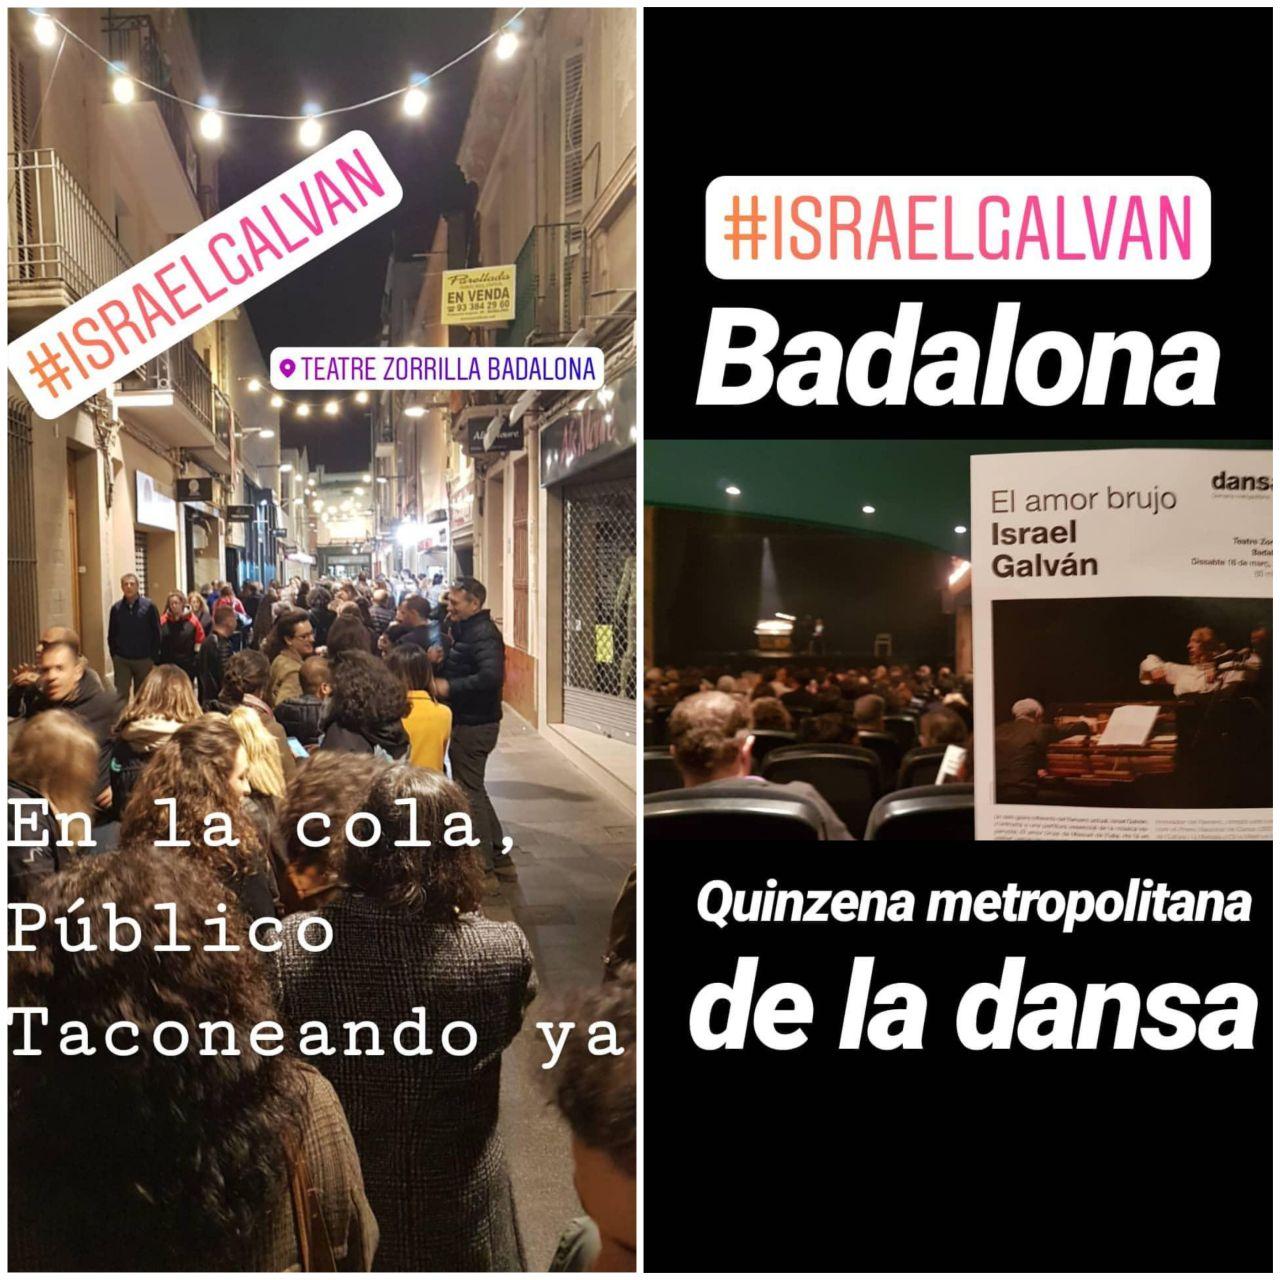 Cola para entrar a ver a Israel Galvan y su AMOR BRUJO en el Teatre Zorrilla de Badalona, el 16 de Marzo del 2019, QUINZENA METROPOLITANA DE LA DANSA